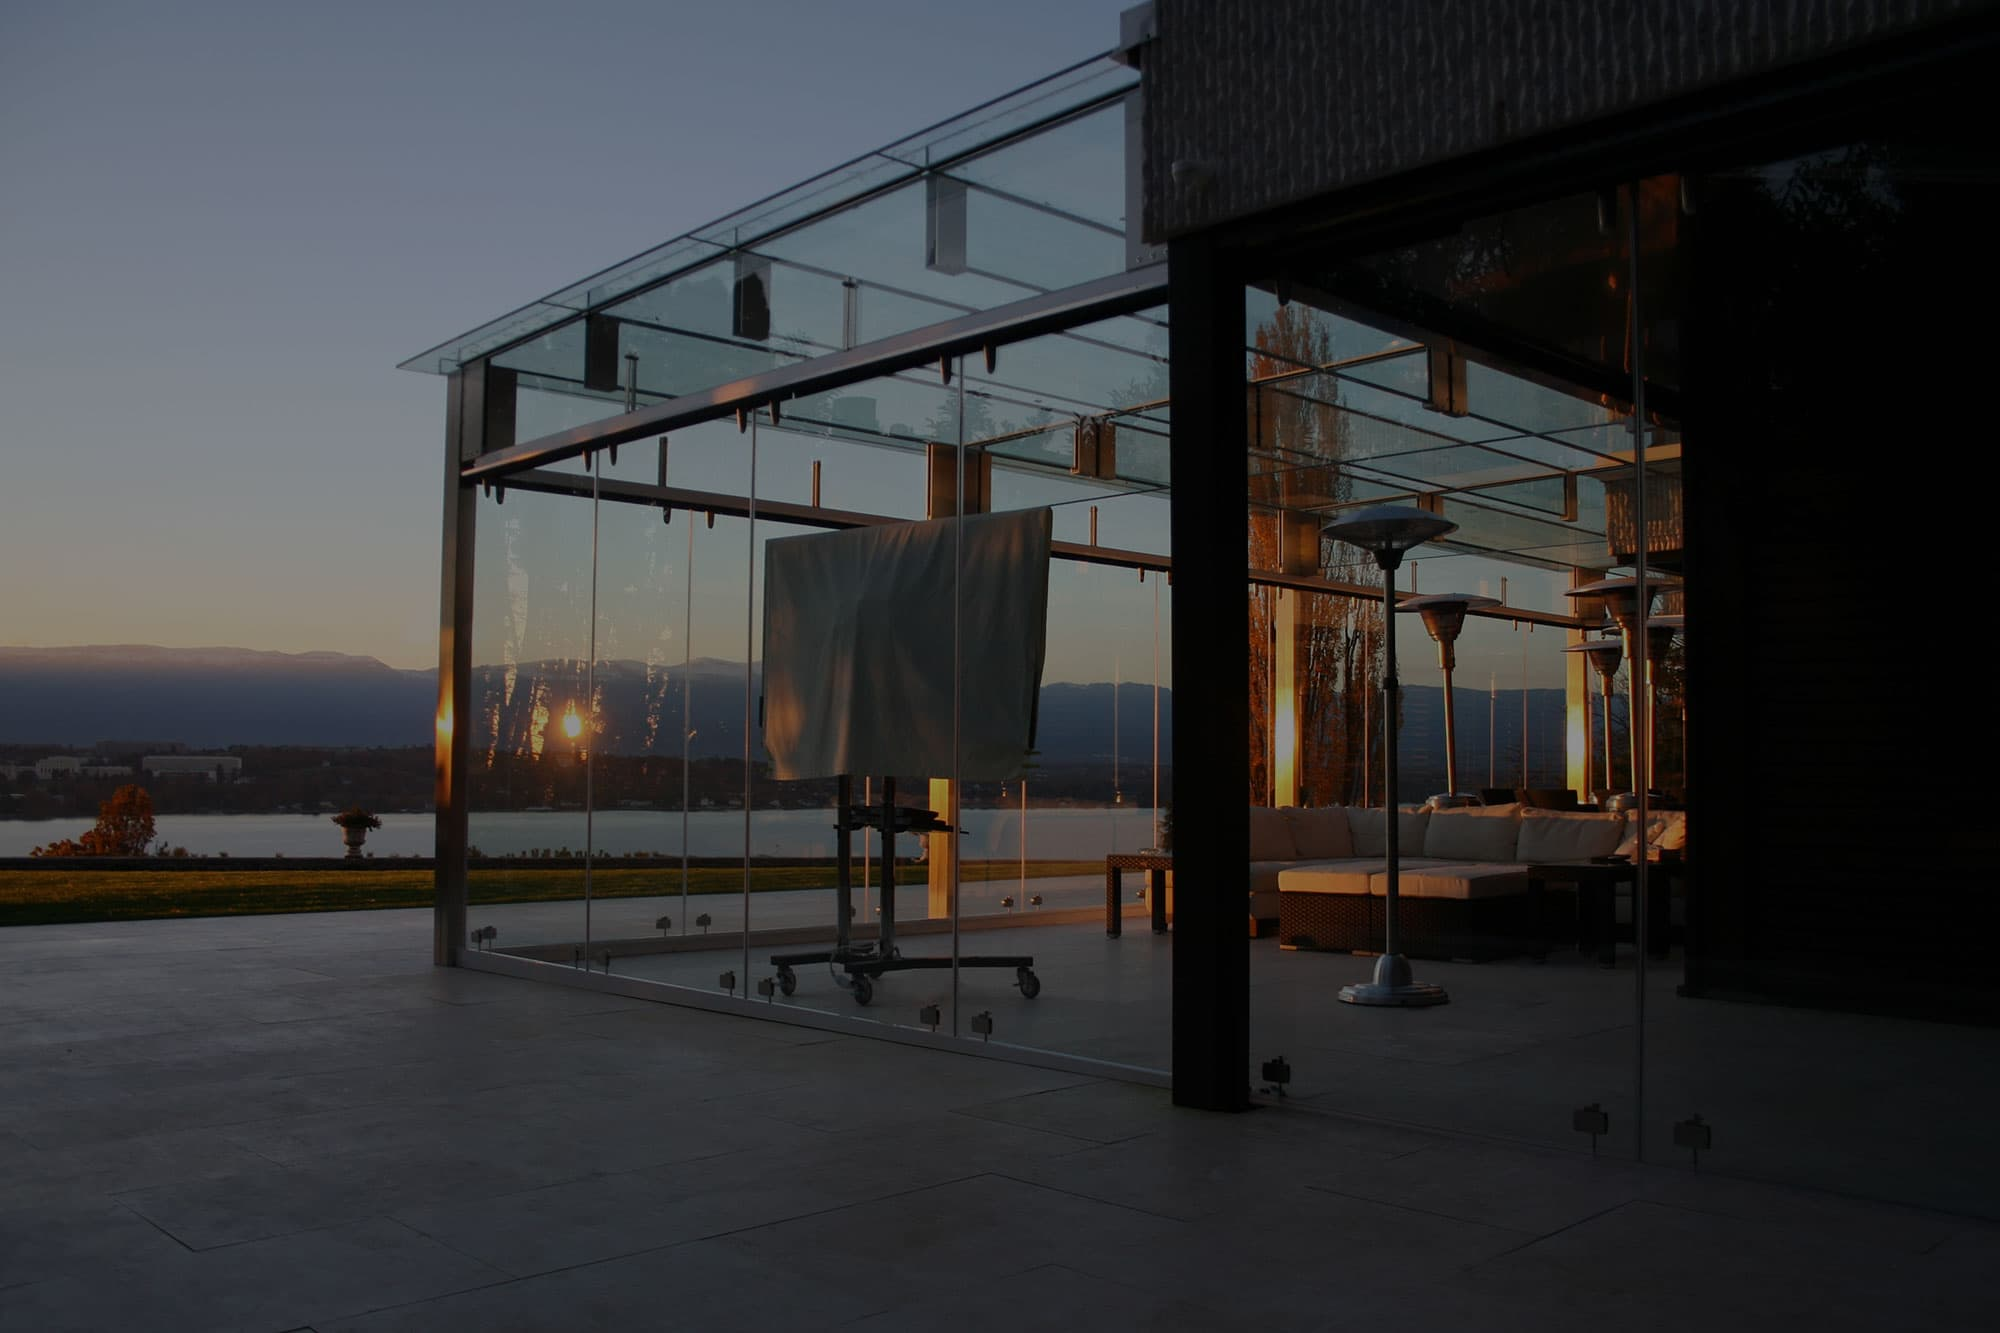 Vetrostrutturale realizza strutture in vetro strutturale in tutta Italia